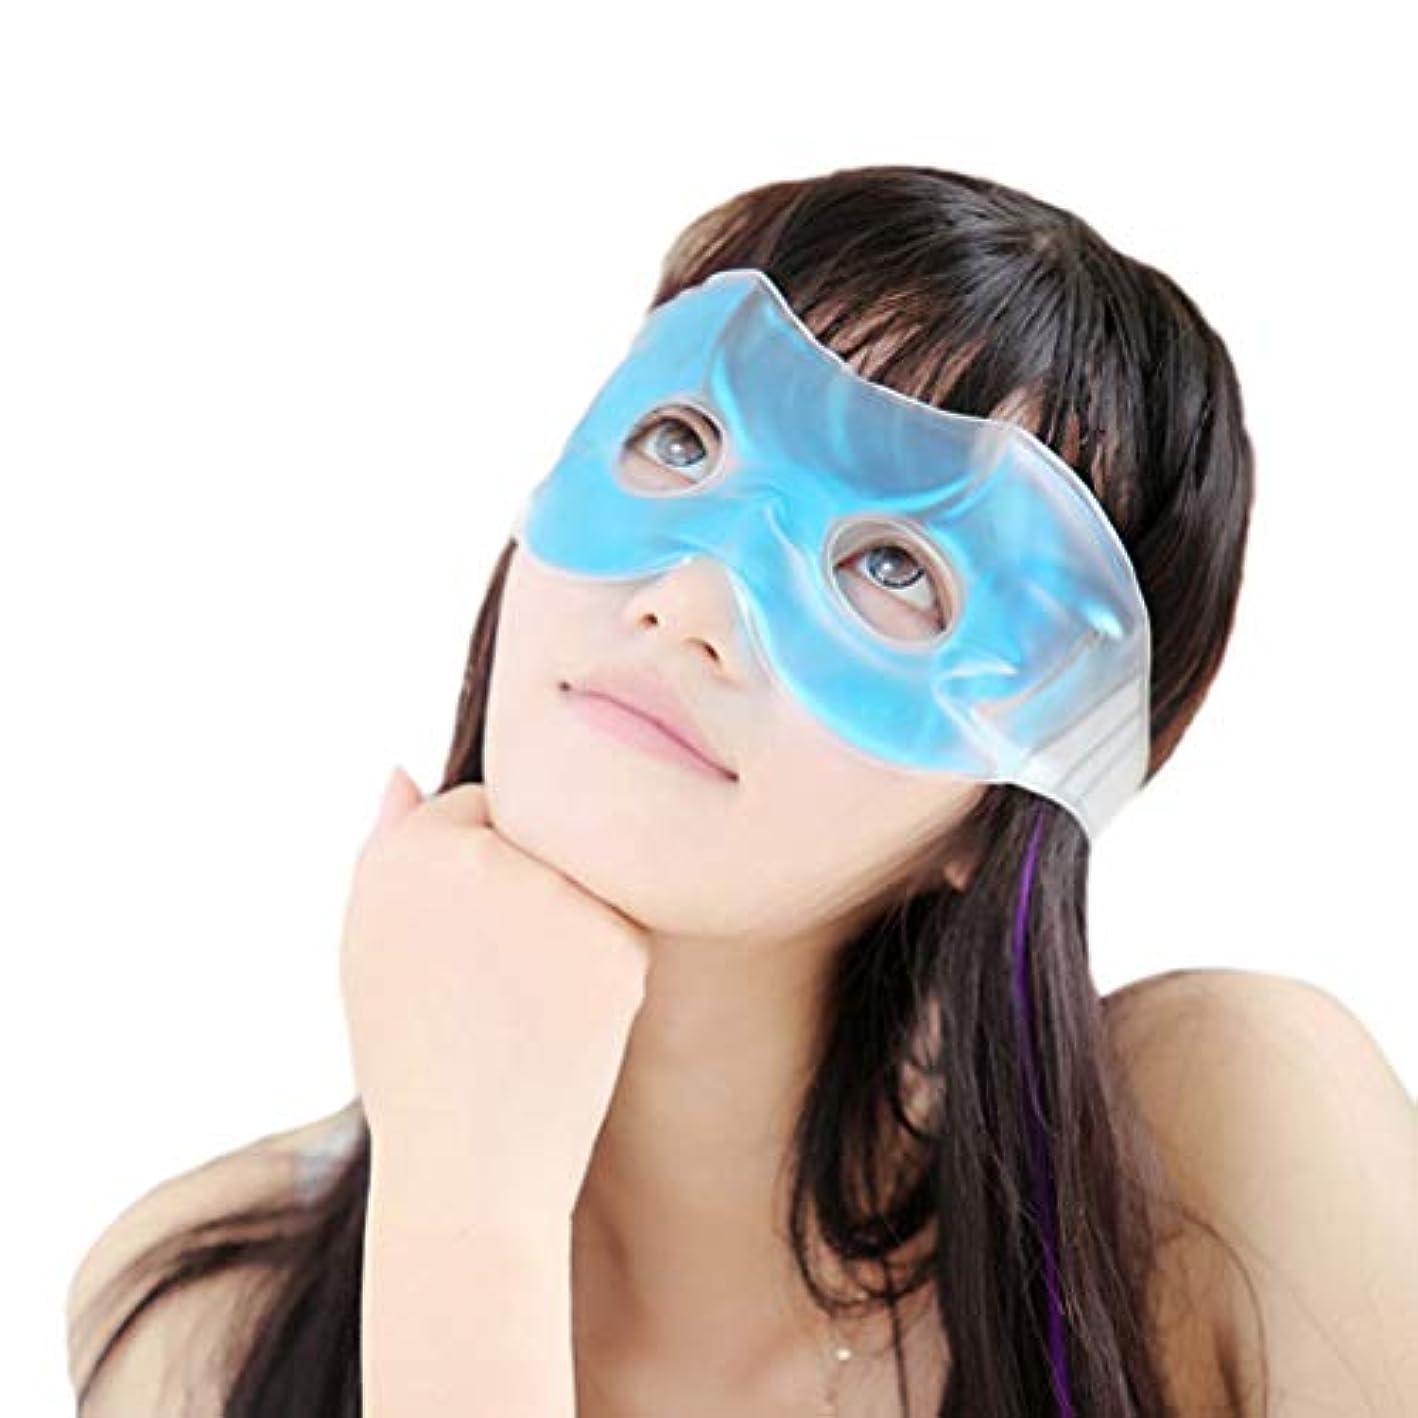 分析的すでに確かなHealifty アイマスク ゲル アイスパッド アイスアイマスク 目隠し リラックス 冷却 パック 再使用可能 目の疲れ軽減 安眠 血行促進